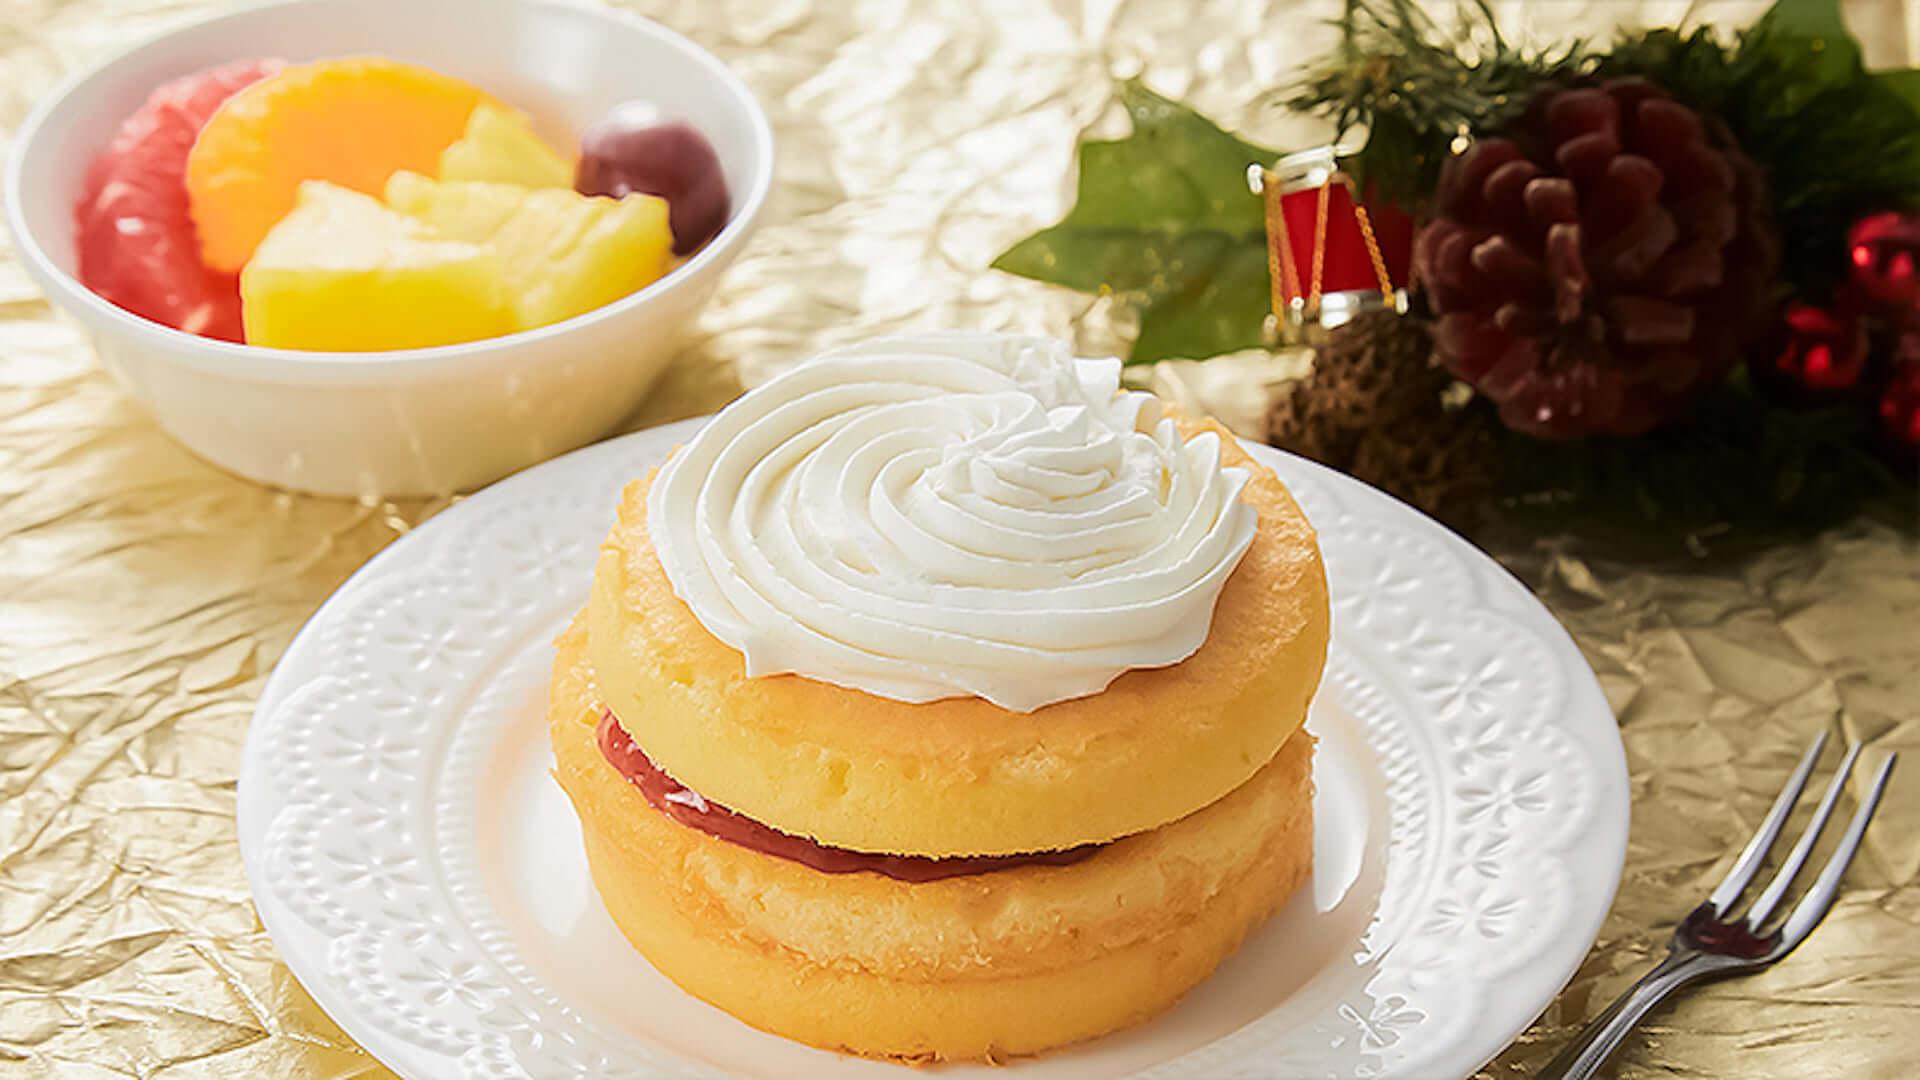 ローソンストア100からクリスマスにぴったりなスイーツ『クグロフ』や『世界に1つだけのケーキ作っちゃお!!』など続々登場!12月の新商品が公開 gourmet201201_lawsonstore100_7-1920x1080